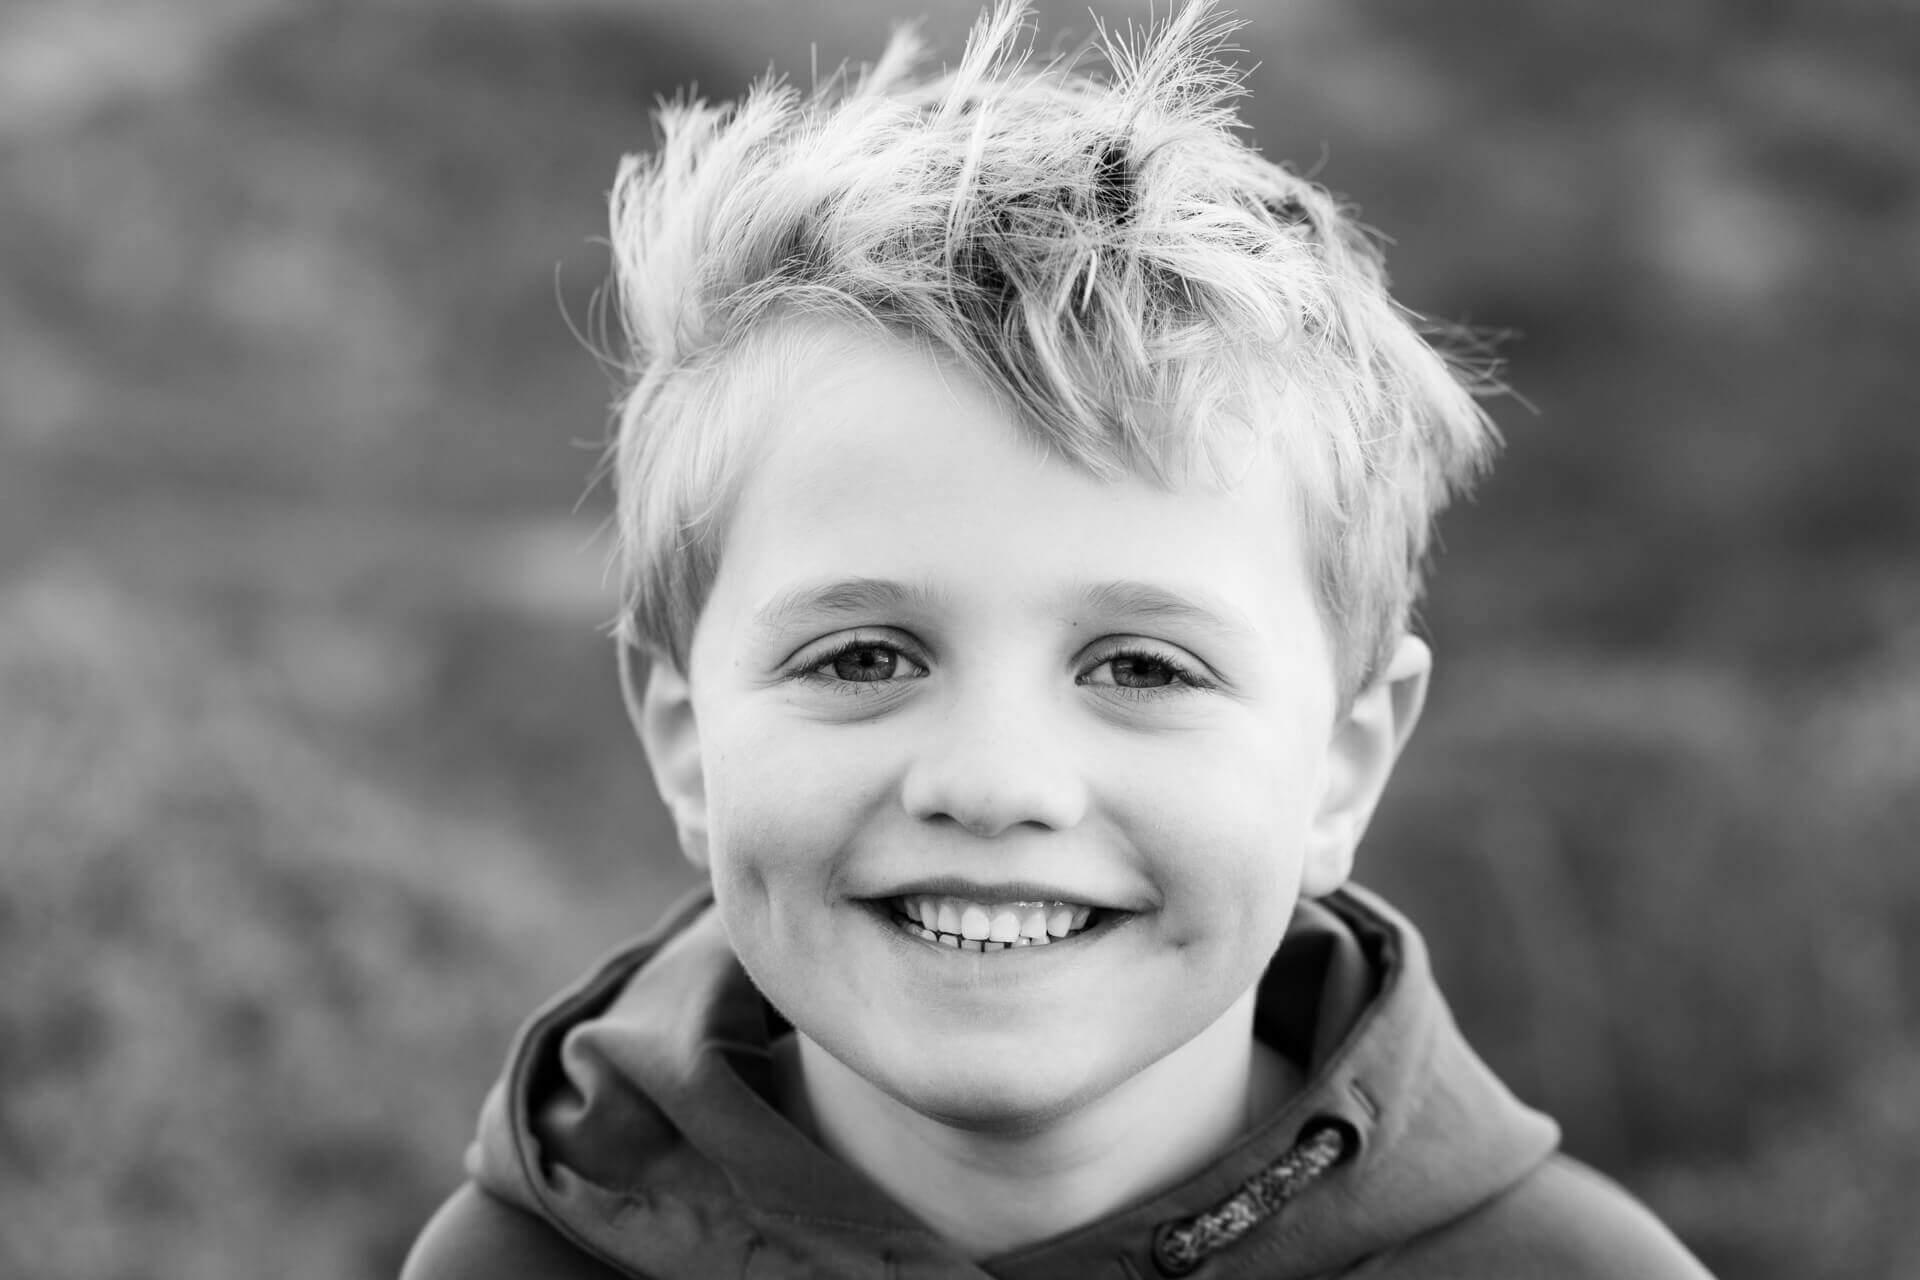 Kinderfotografie duinen portret jongen door fotograaf Grietje Mesman